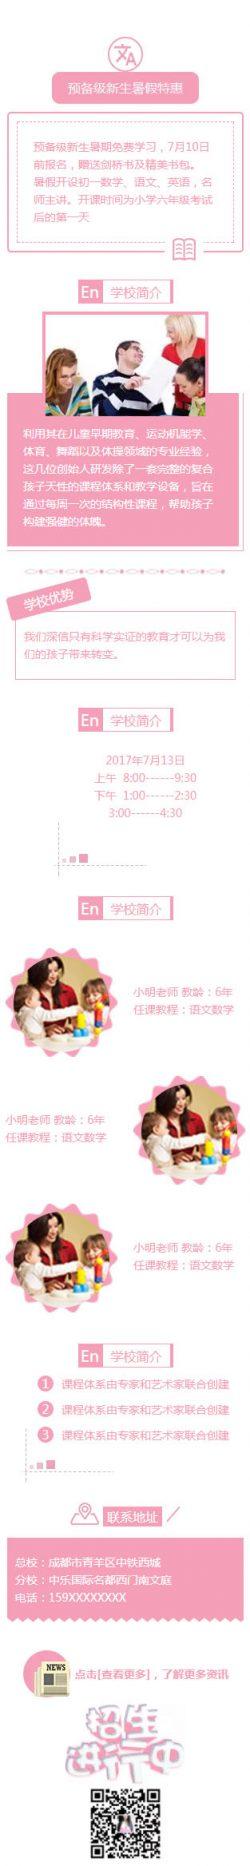 早教暑期培训班教育学校粉红色微信文章模板粉红色